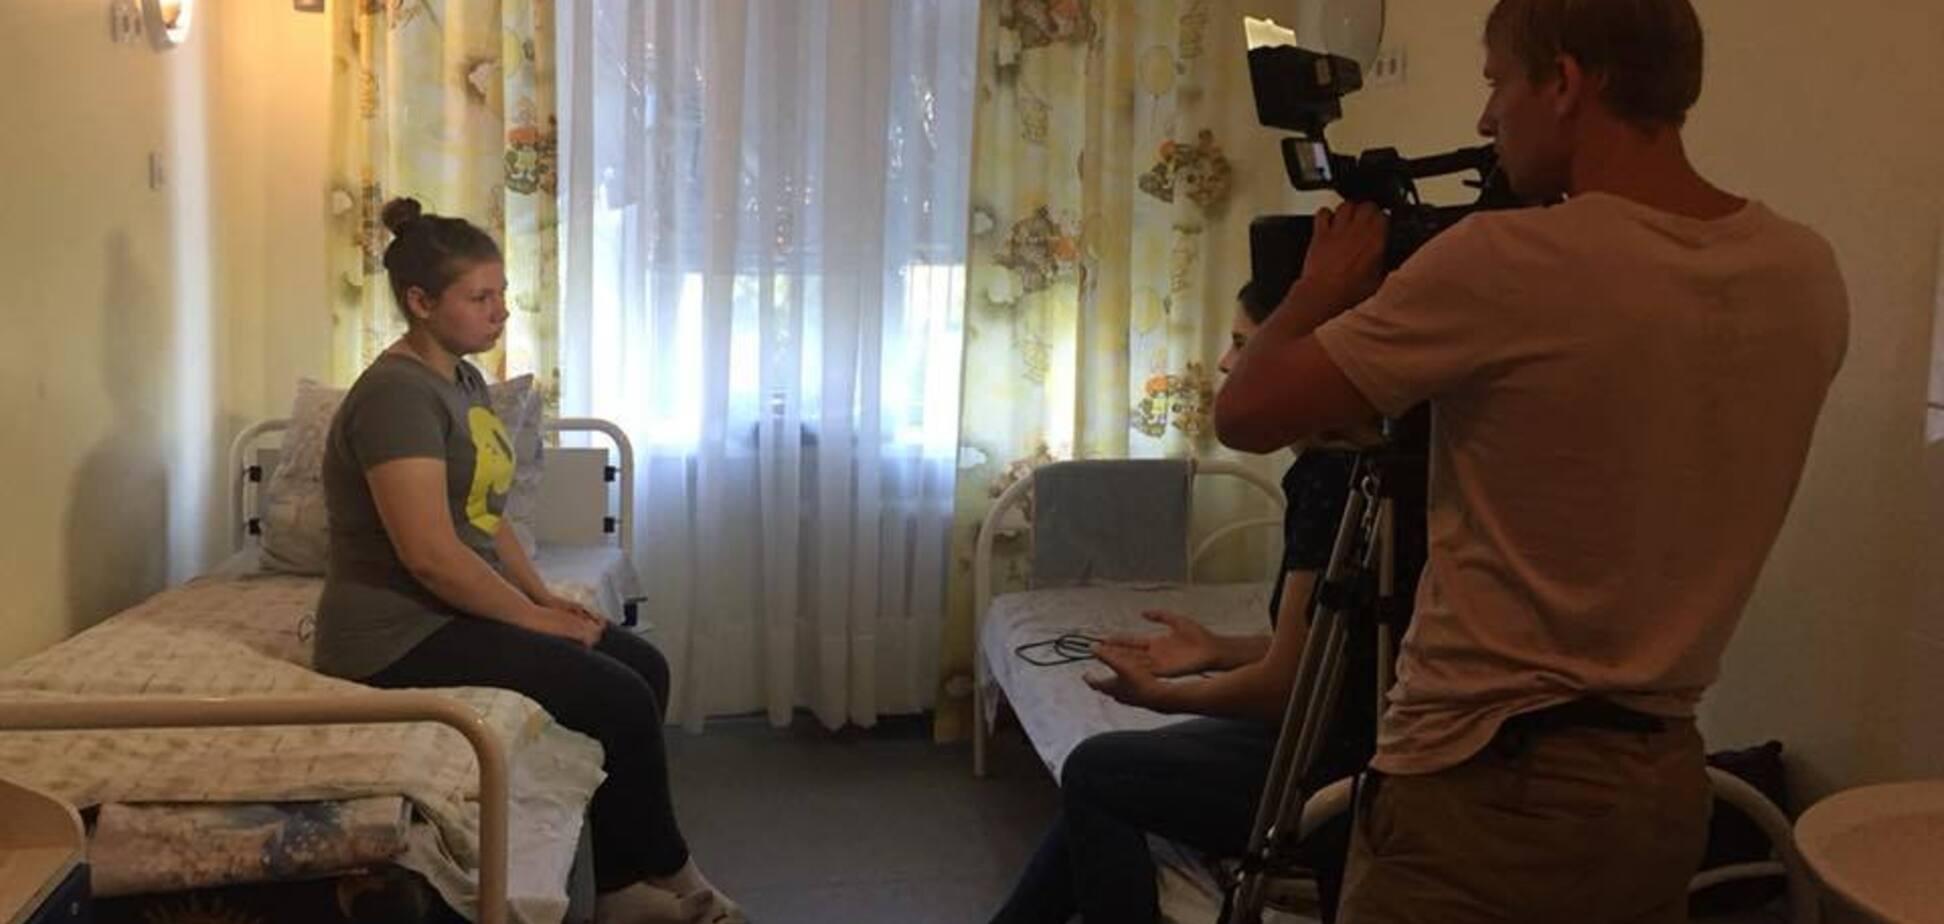 Хворіє на діабет: у жорстоко побитої дівчинки в Дніпрі підкосилося здоров'я